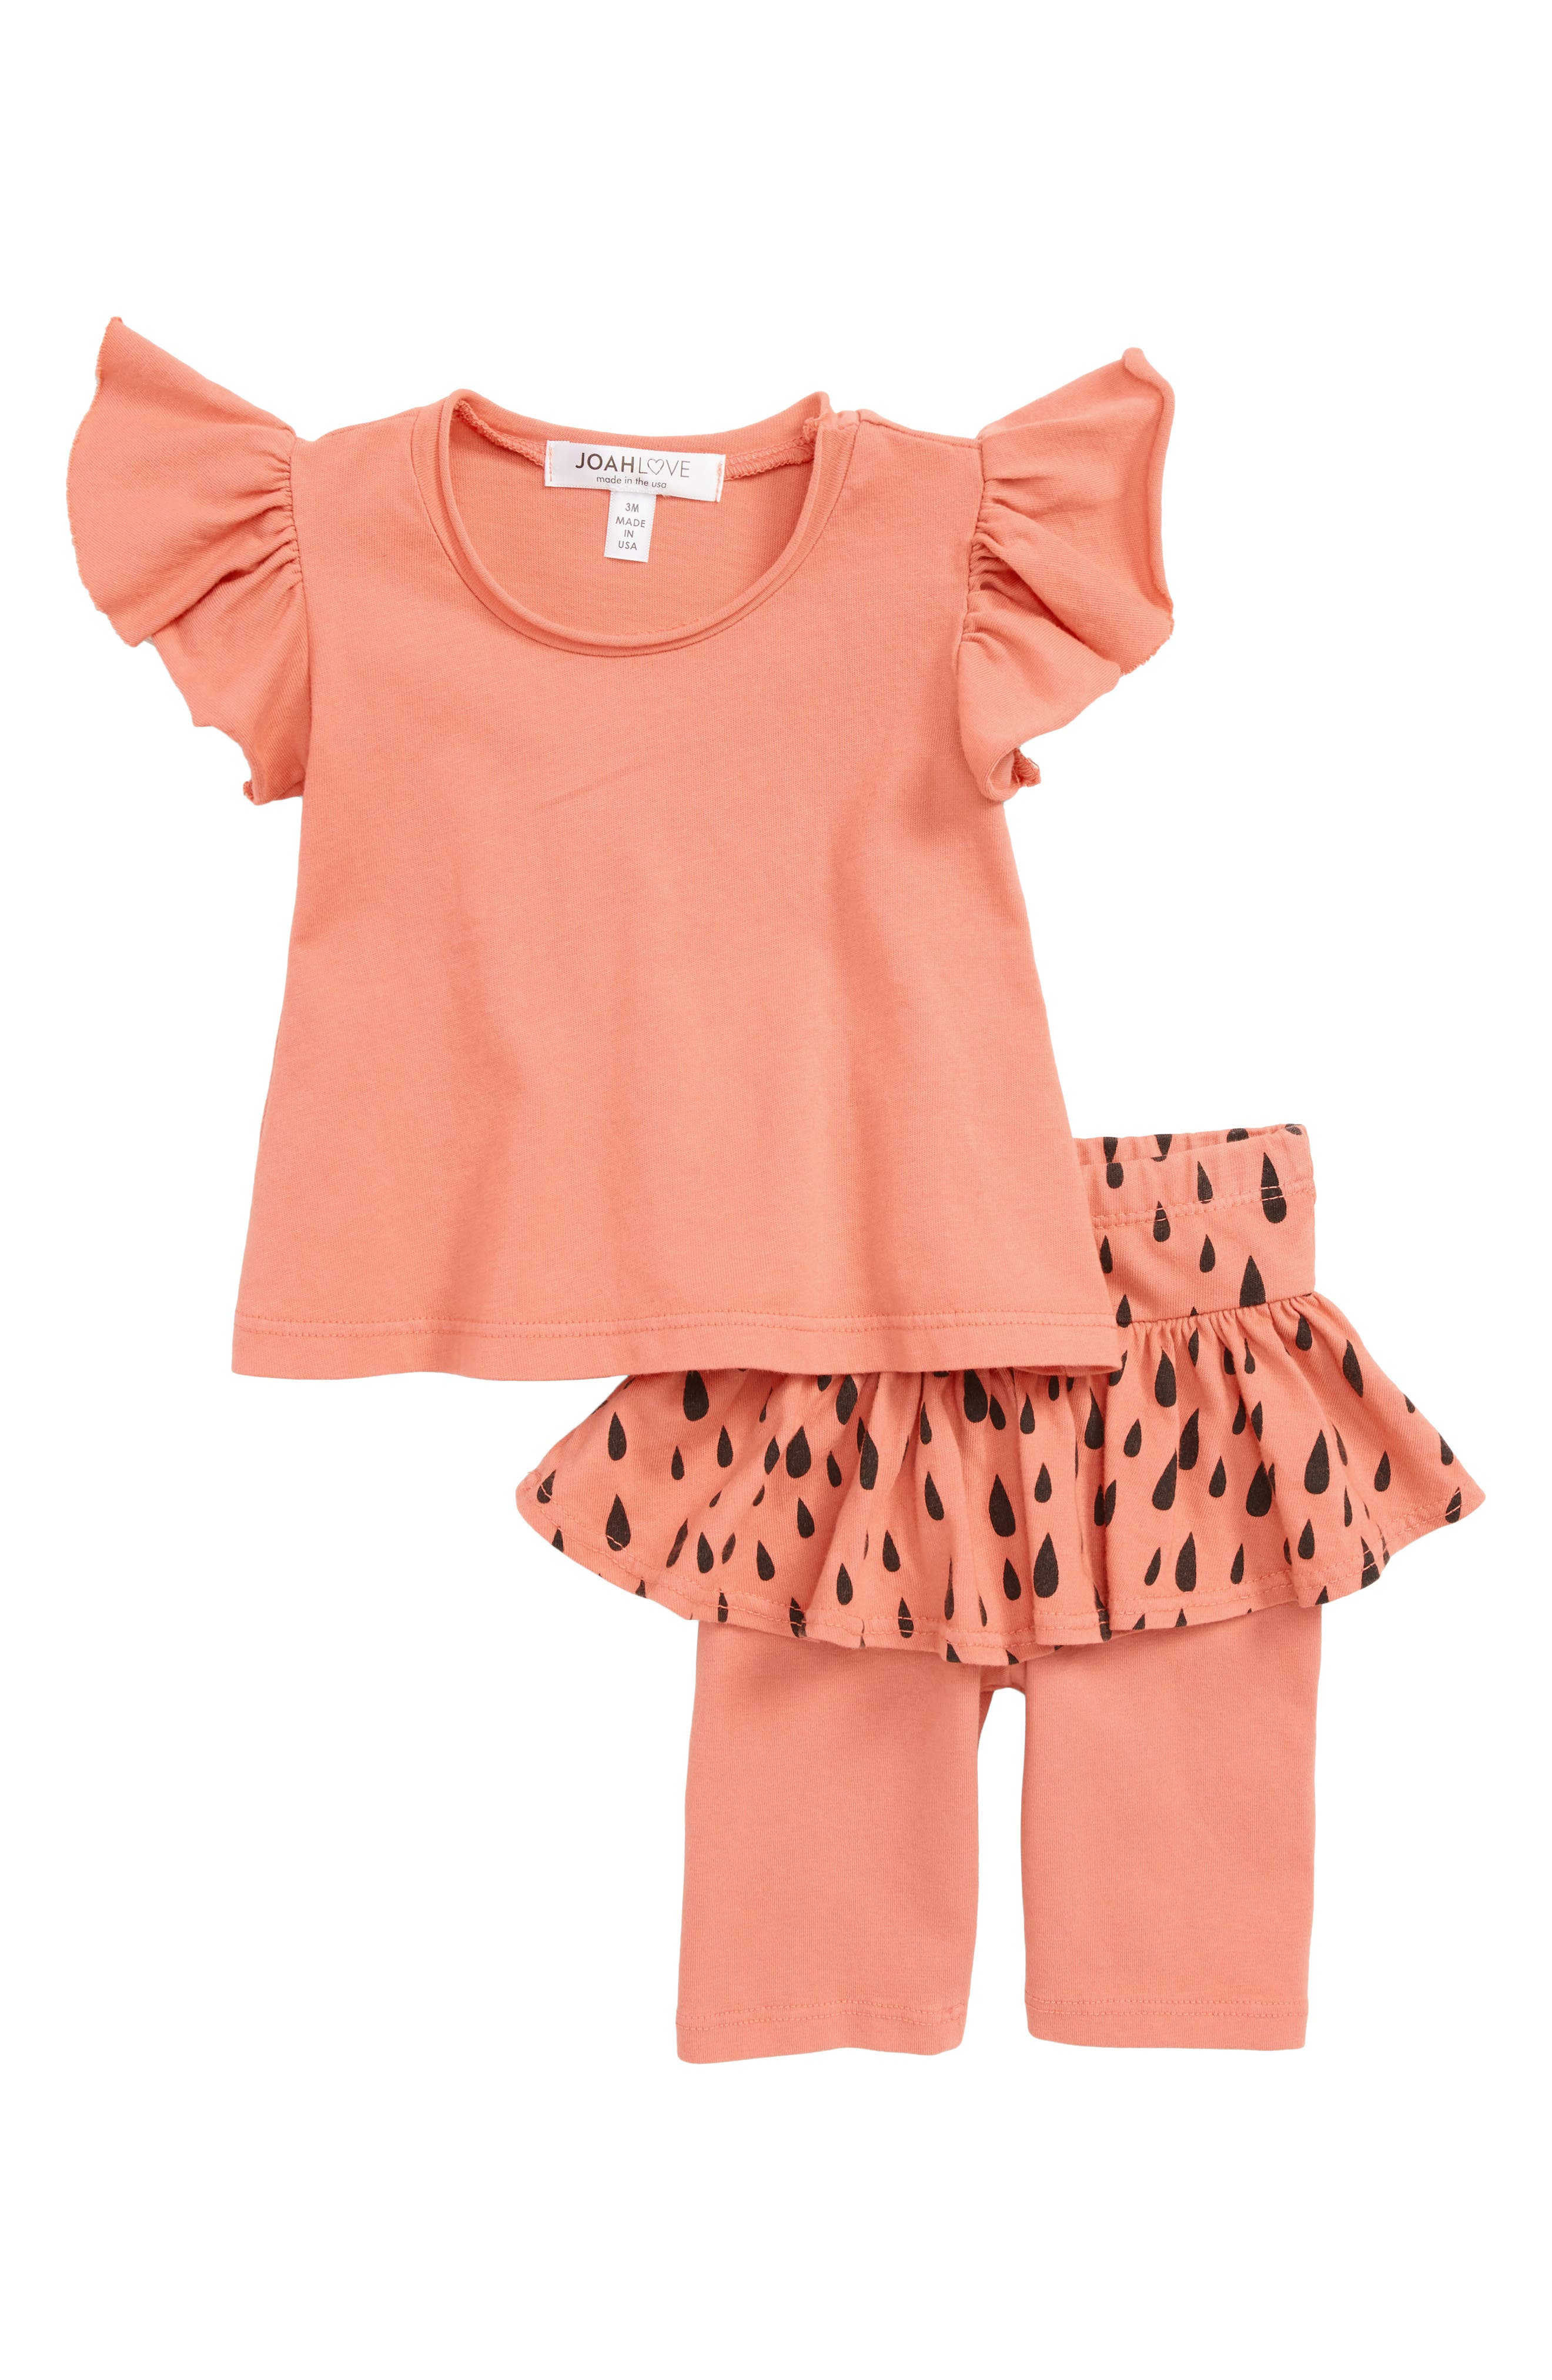 Print Top & Skirted Leggings Set,                             Main thumbnail 1, color,                             Bermuda Pink